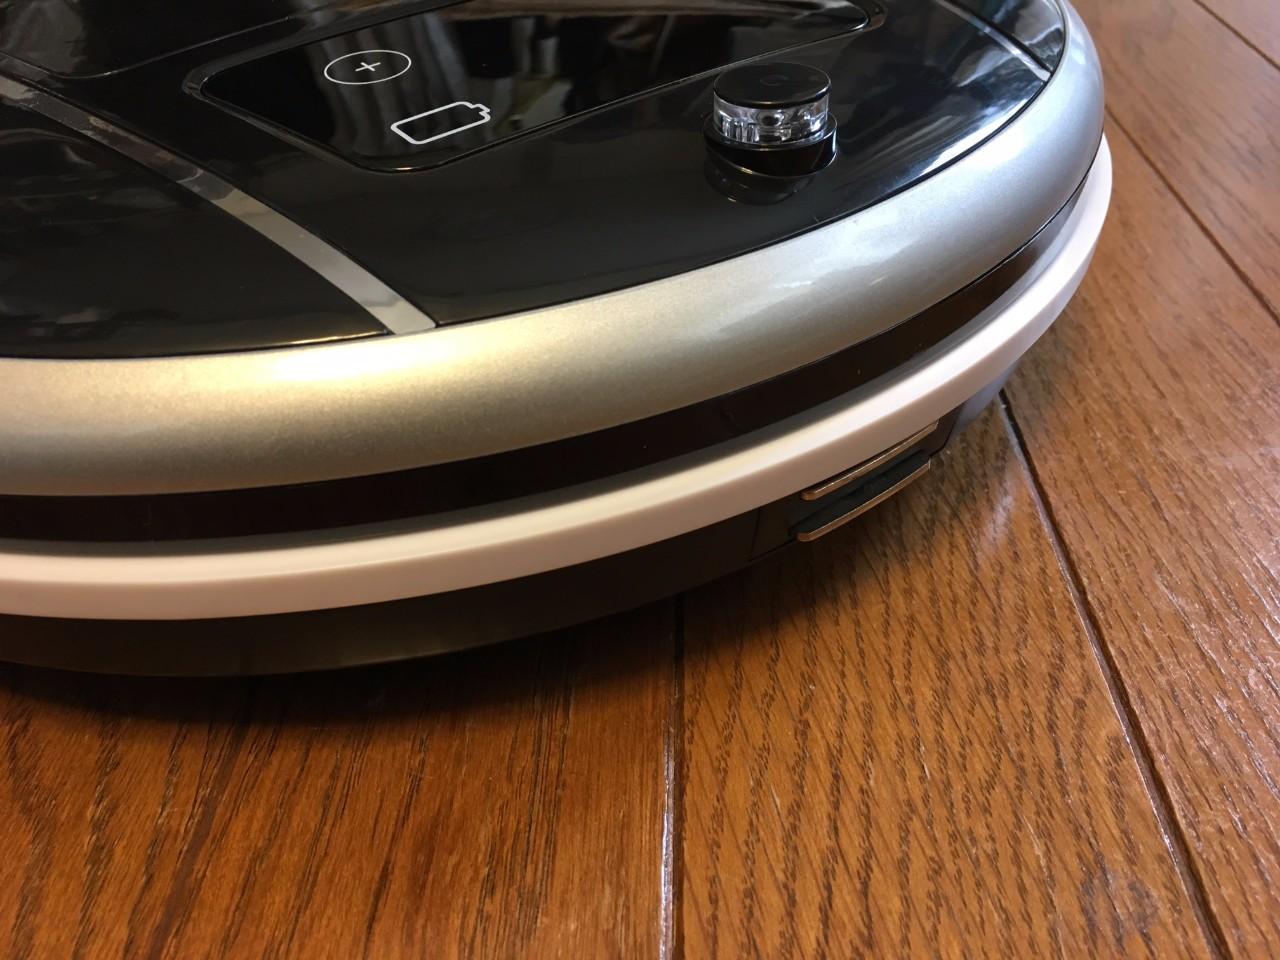 pr-evertop-robotic-vacuum-clean-08